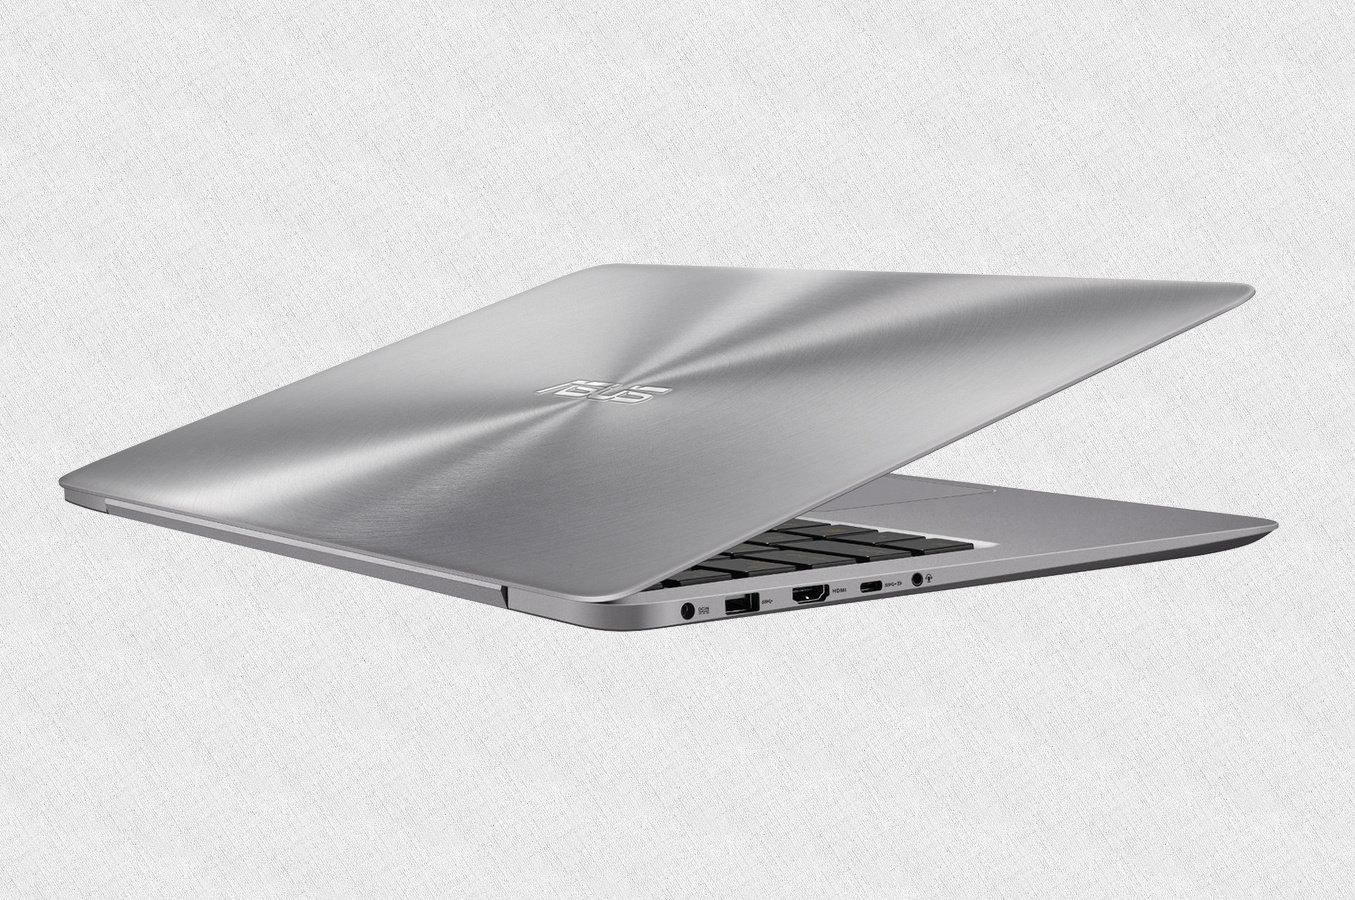 Asus Zenbook UX310UQ-FC203T